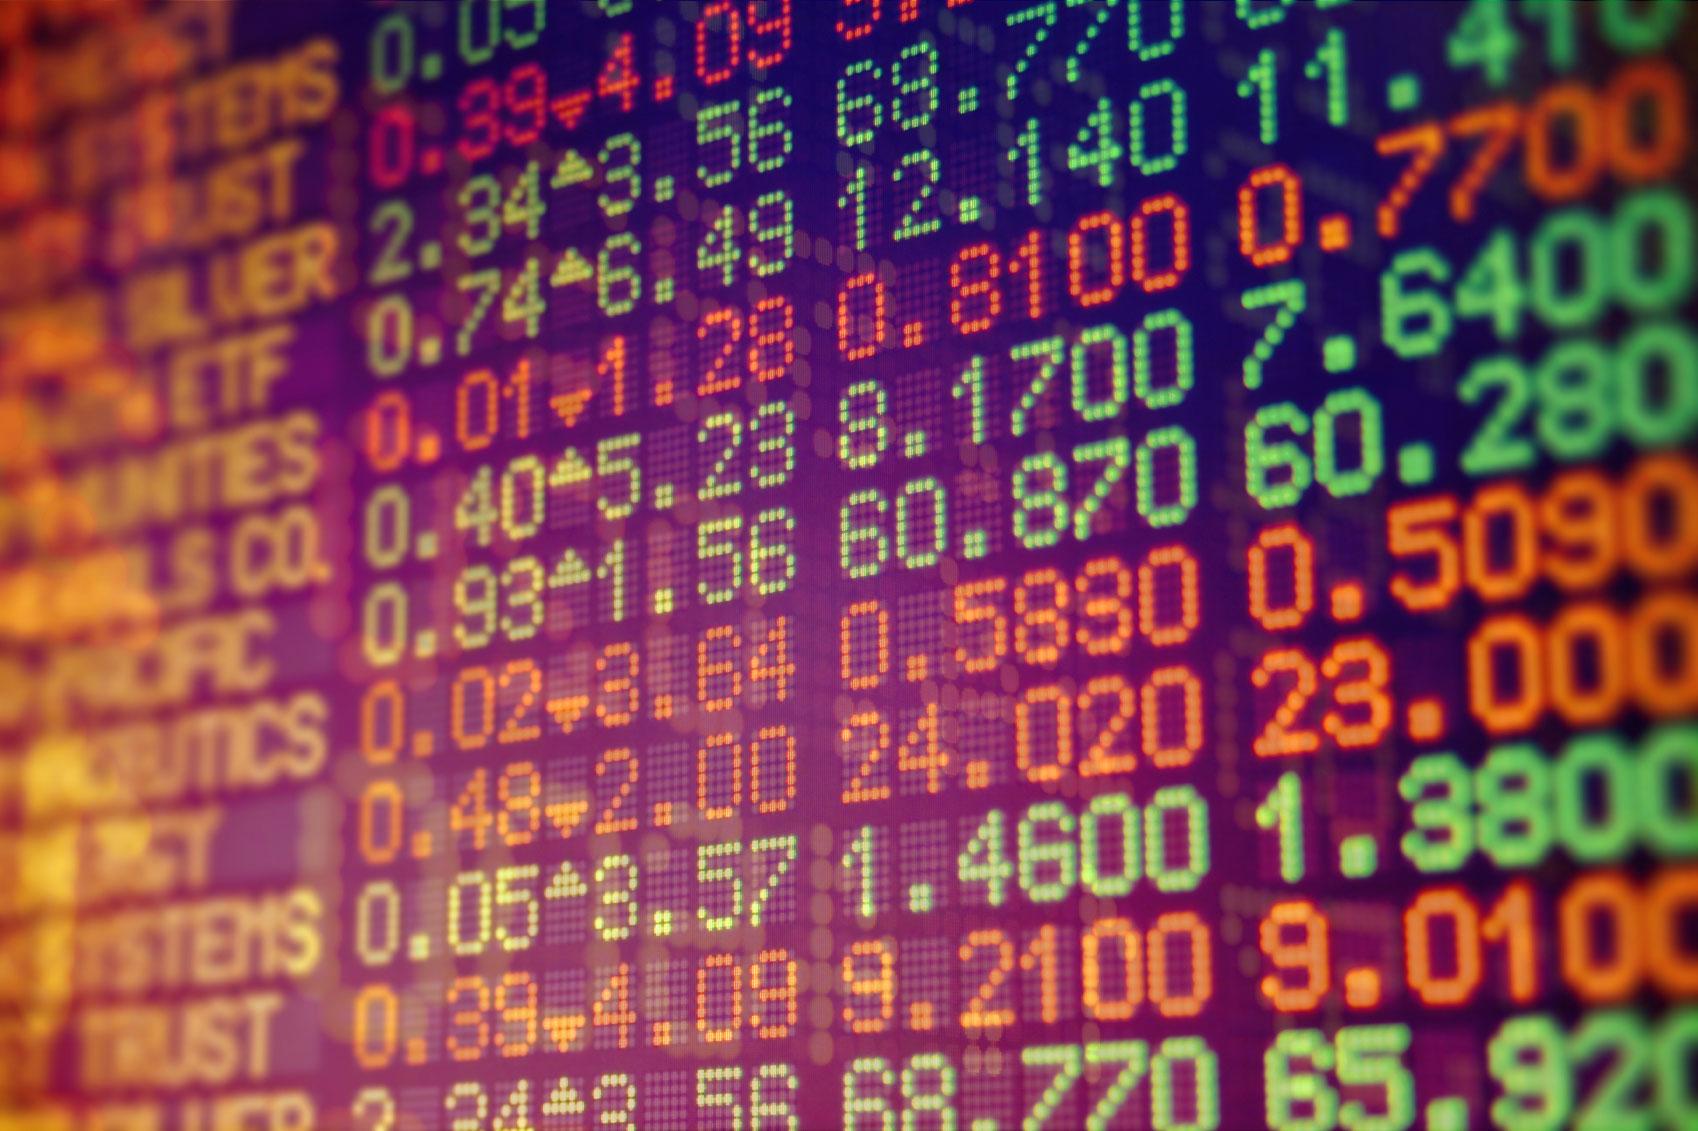 Неизвестные взломали и обокрали крупного криптовалютного инвестора